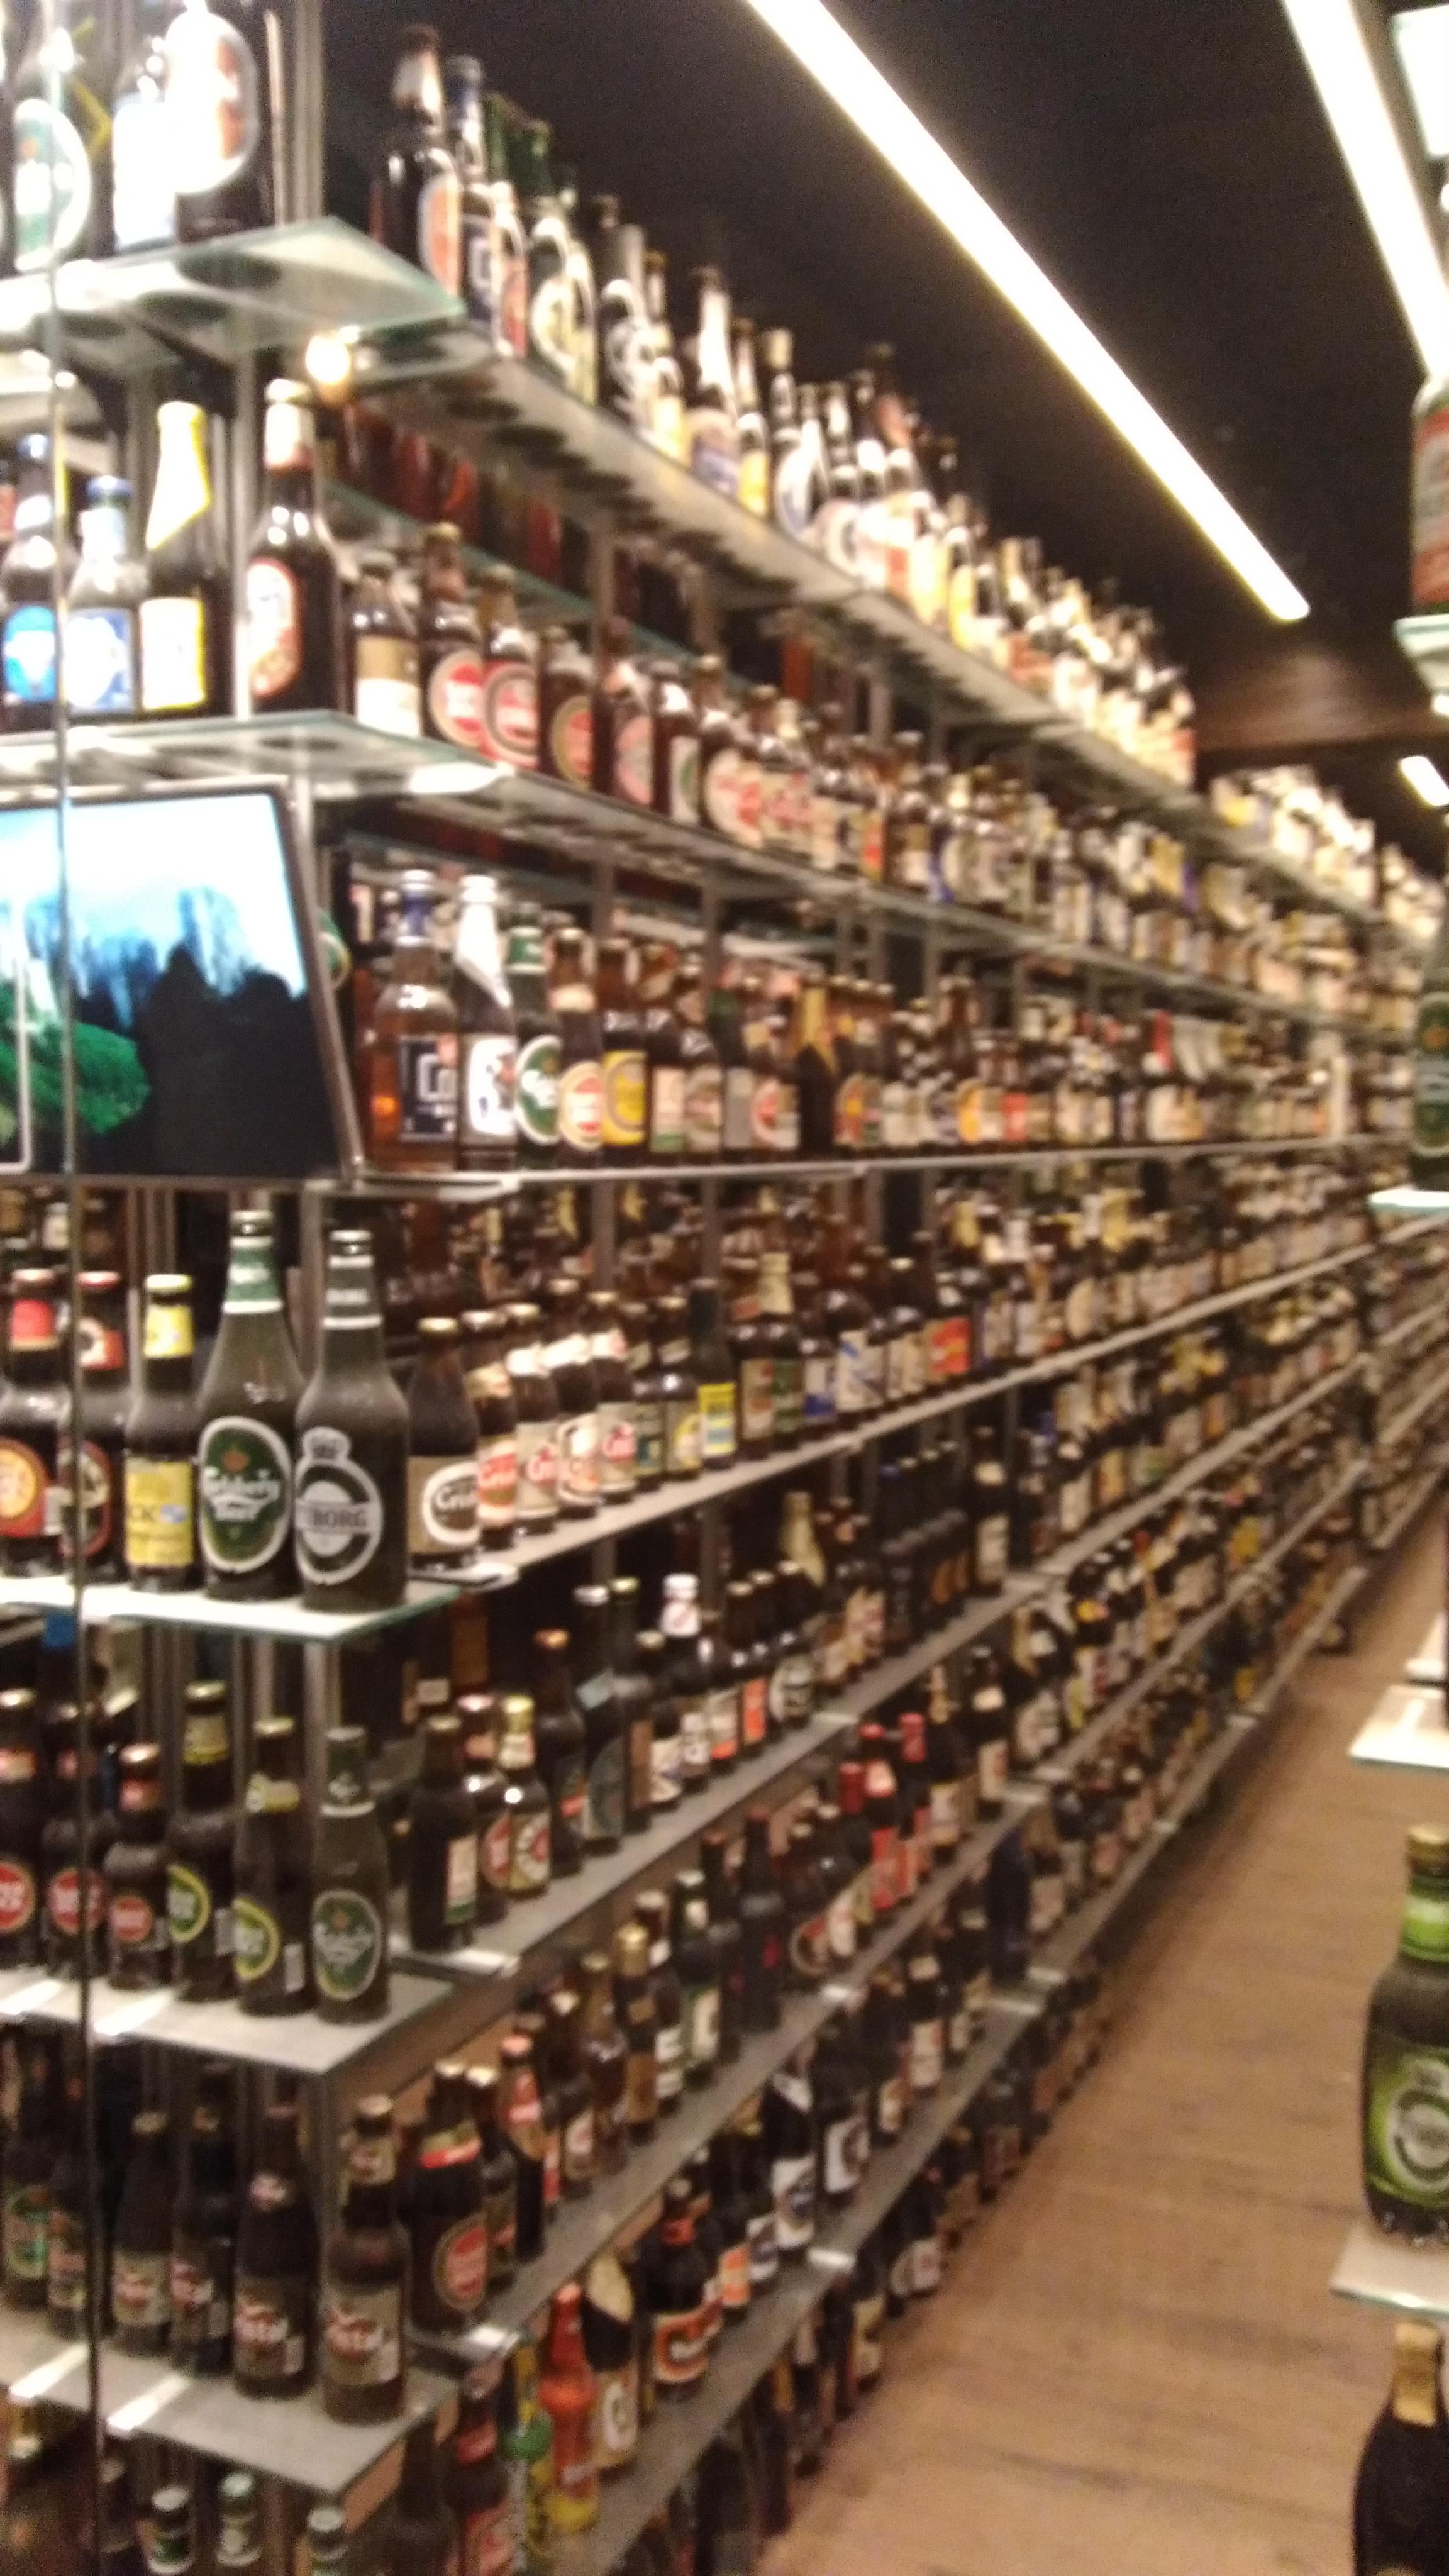 Bira Şişesi Koleksiyonu, Visit Carlsberg, Kopenhag